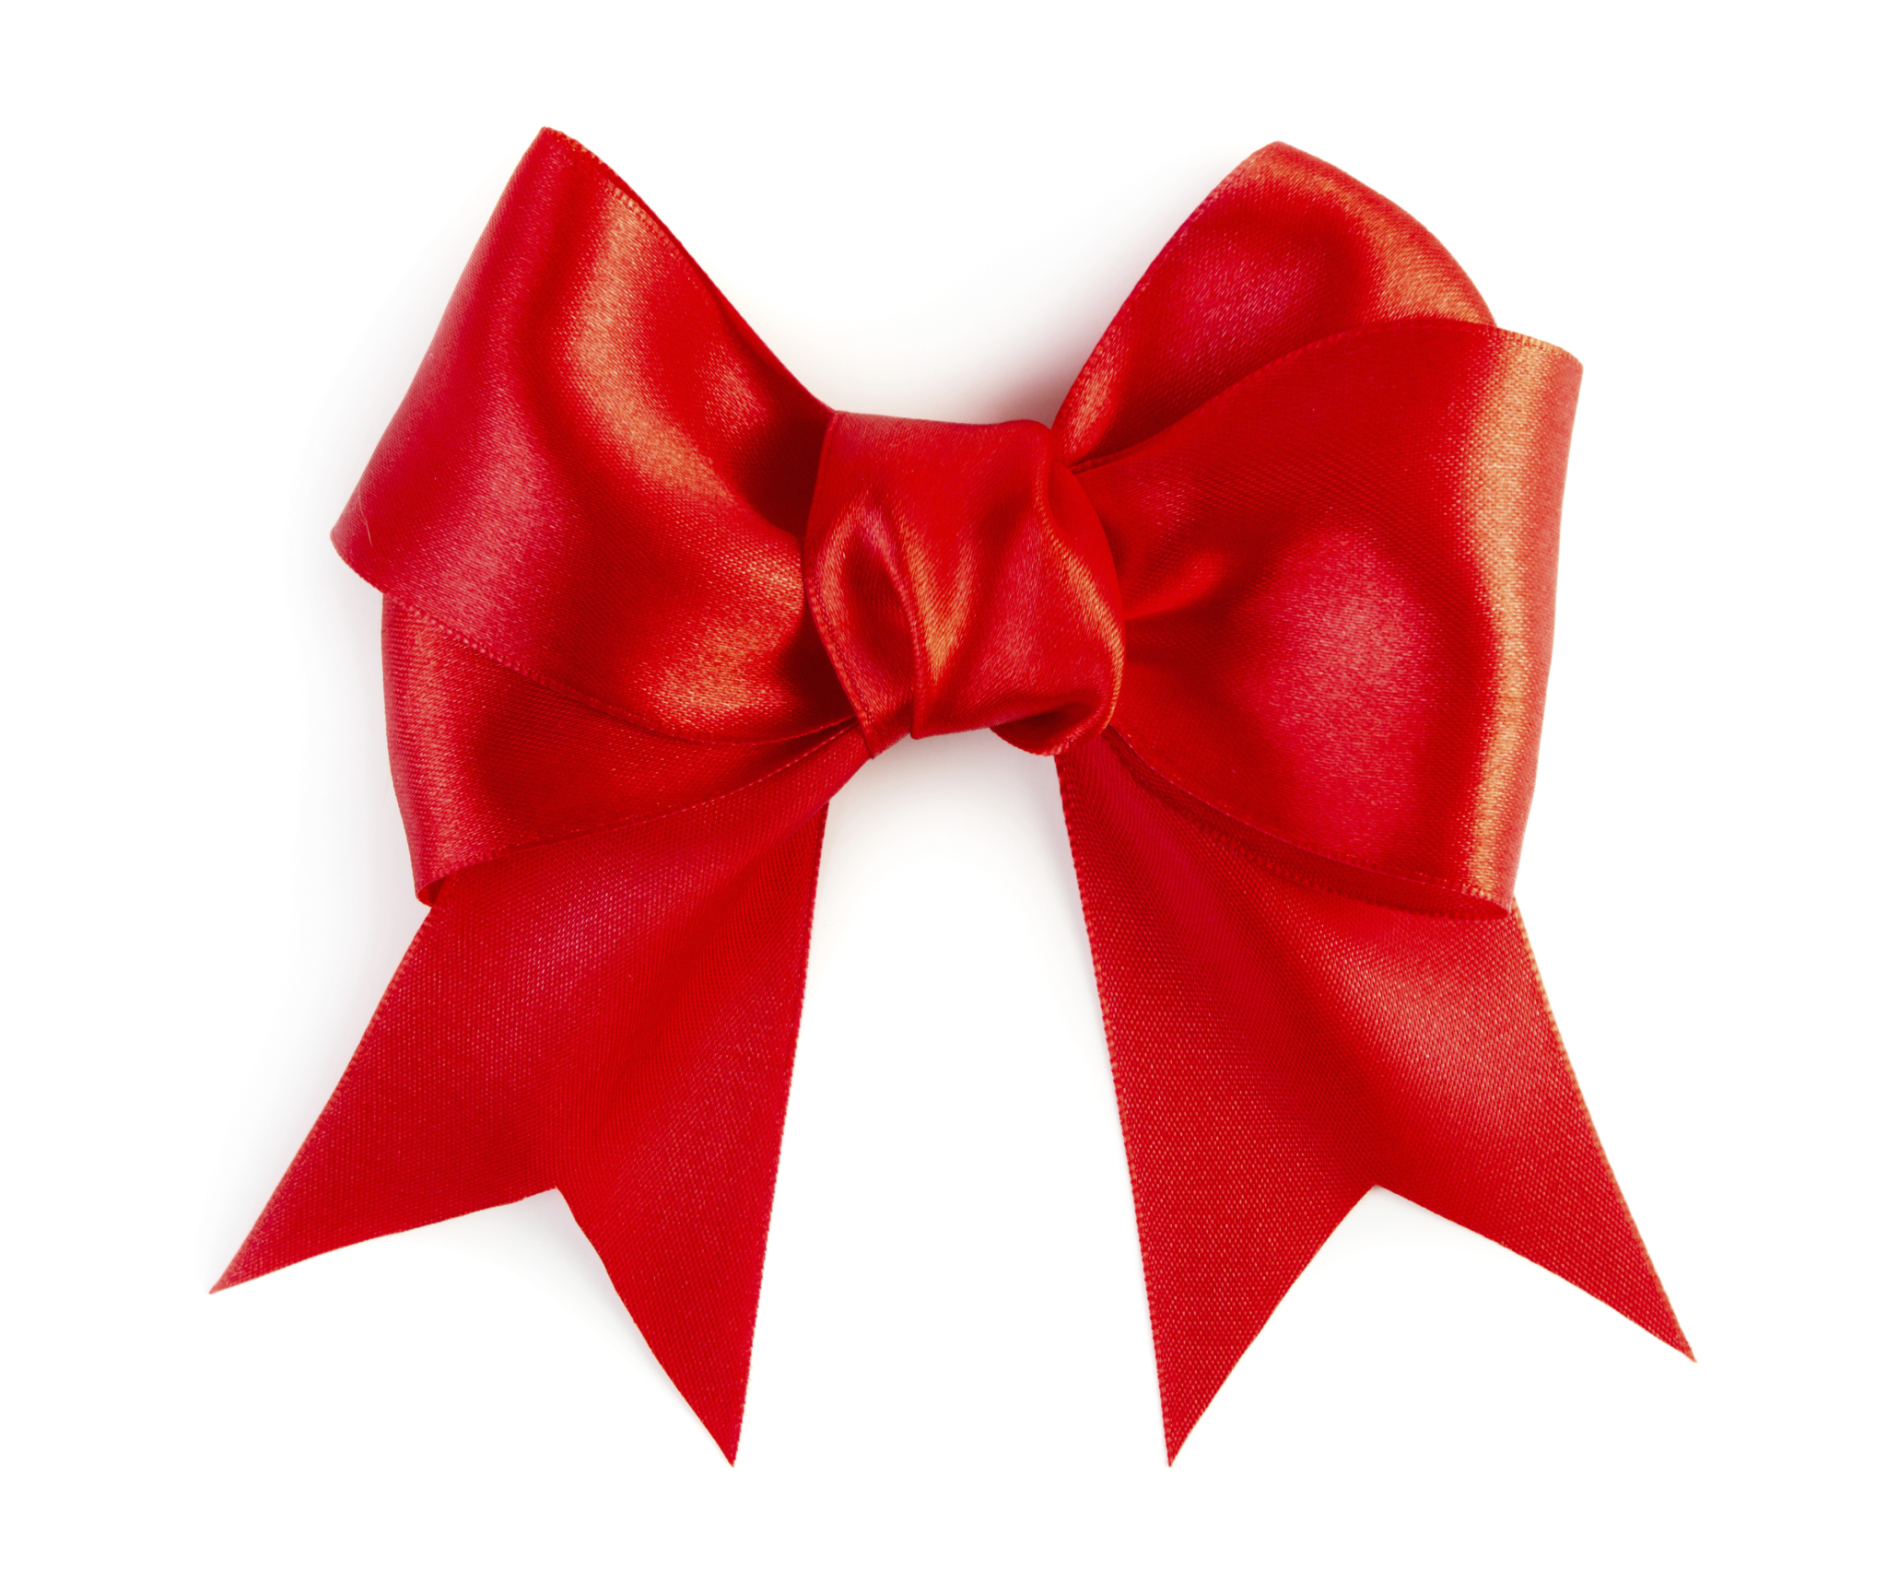 Lazos Grandes Para Regalos Good Cuatro Cajas De Regalos De Navidad - Lazos-grandes